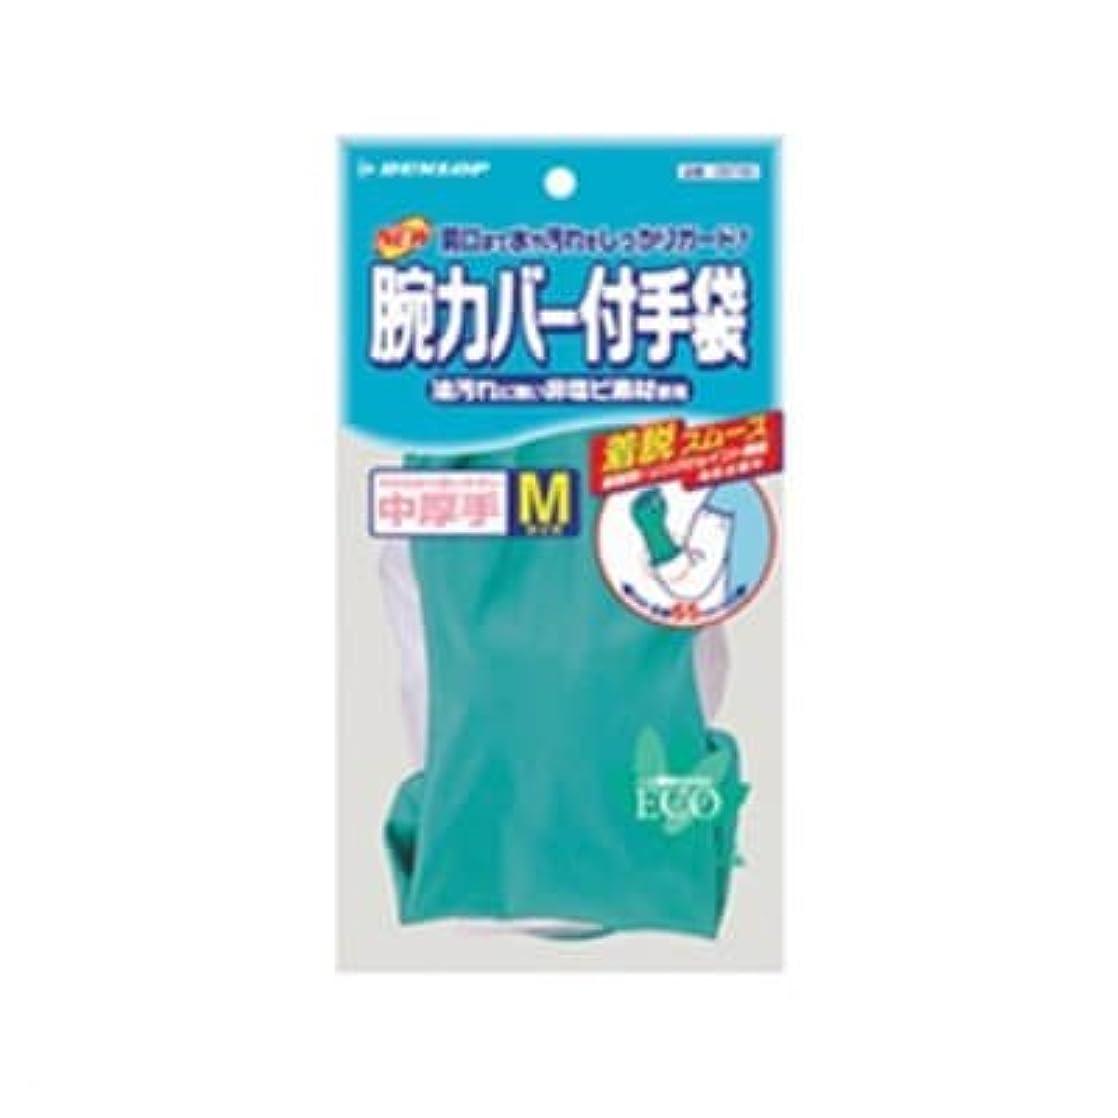 実際にのヒープ辛な【ケース販売】 ダンロップ ニトリル中厚手 腕カバー付手袋 M グリーン (5双×12袋)